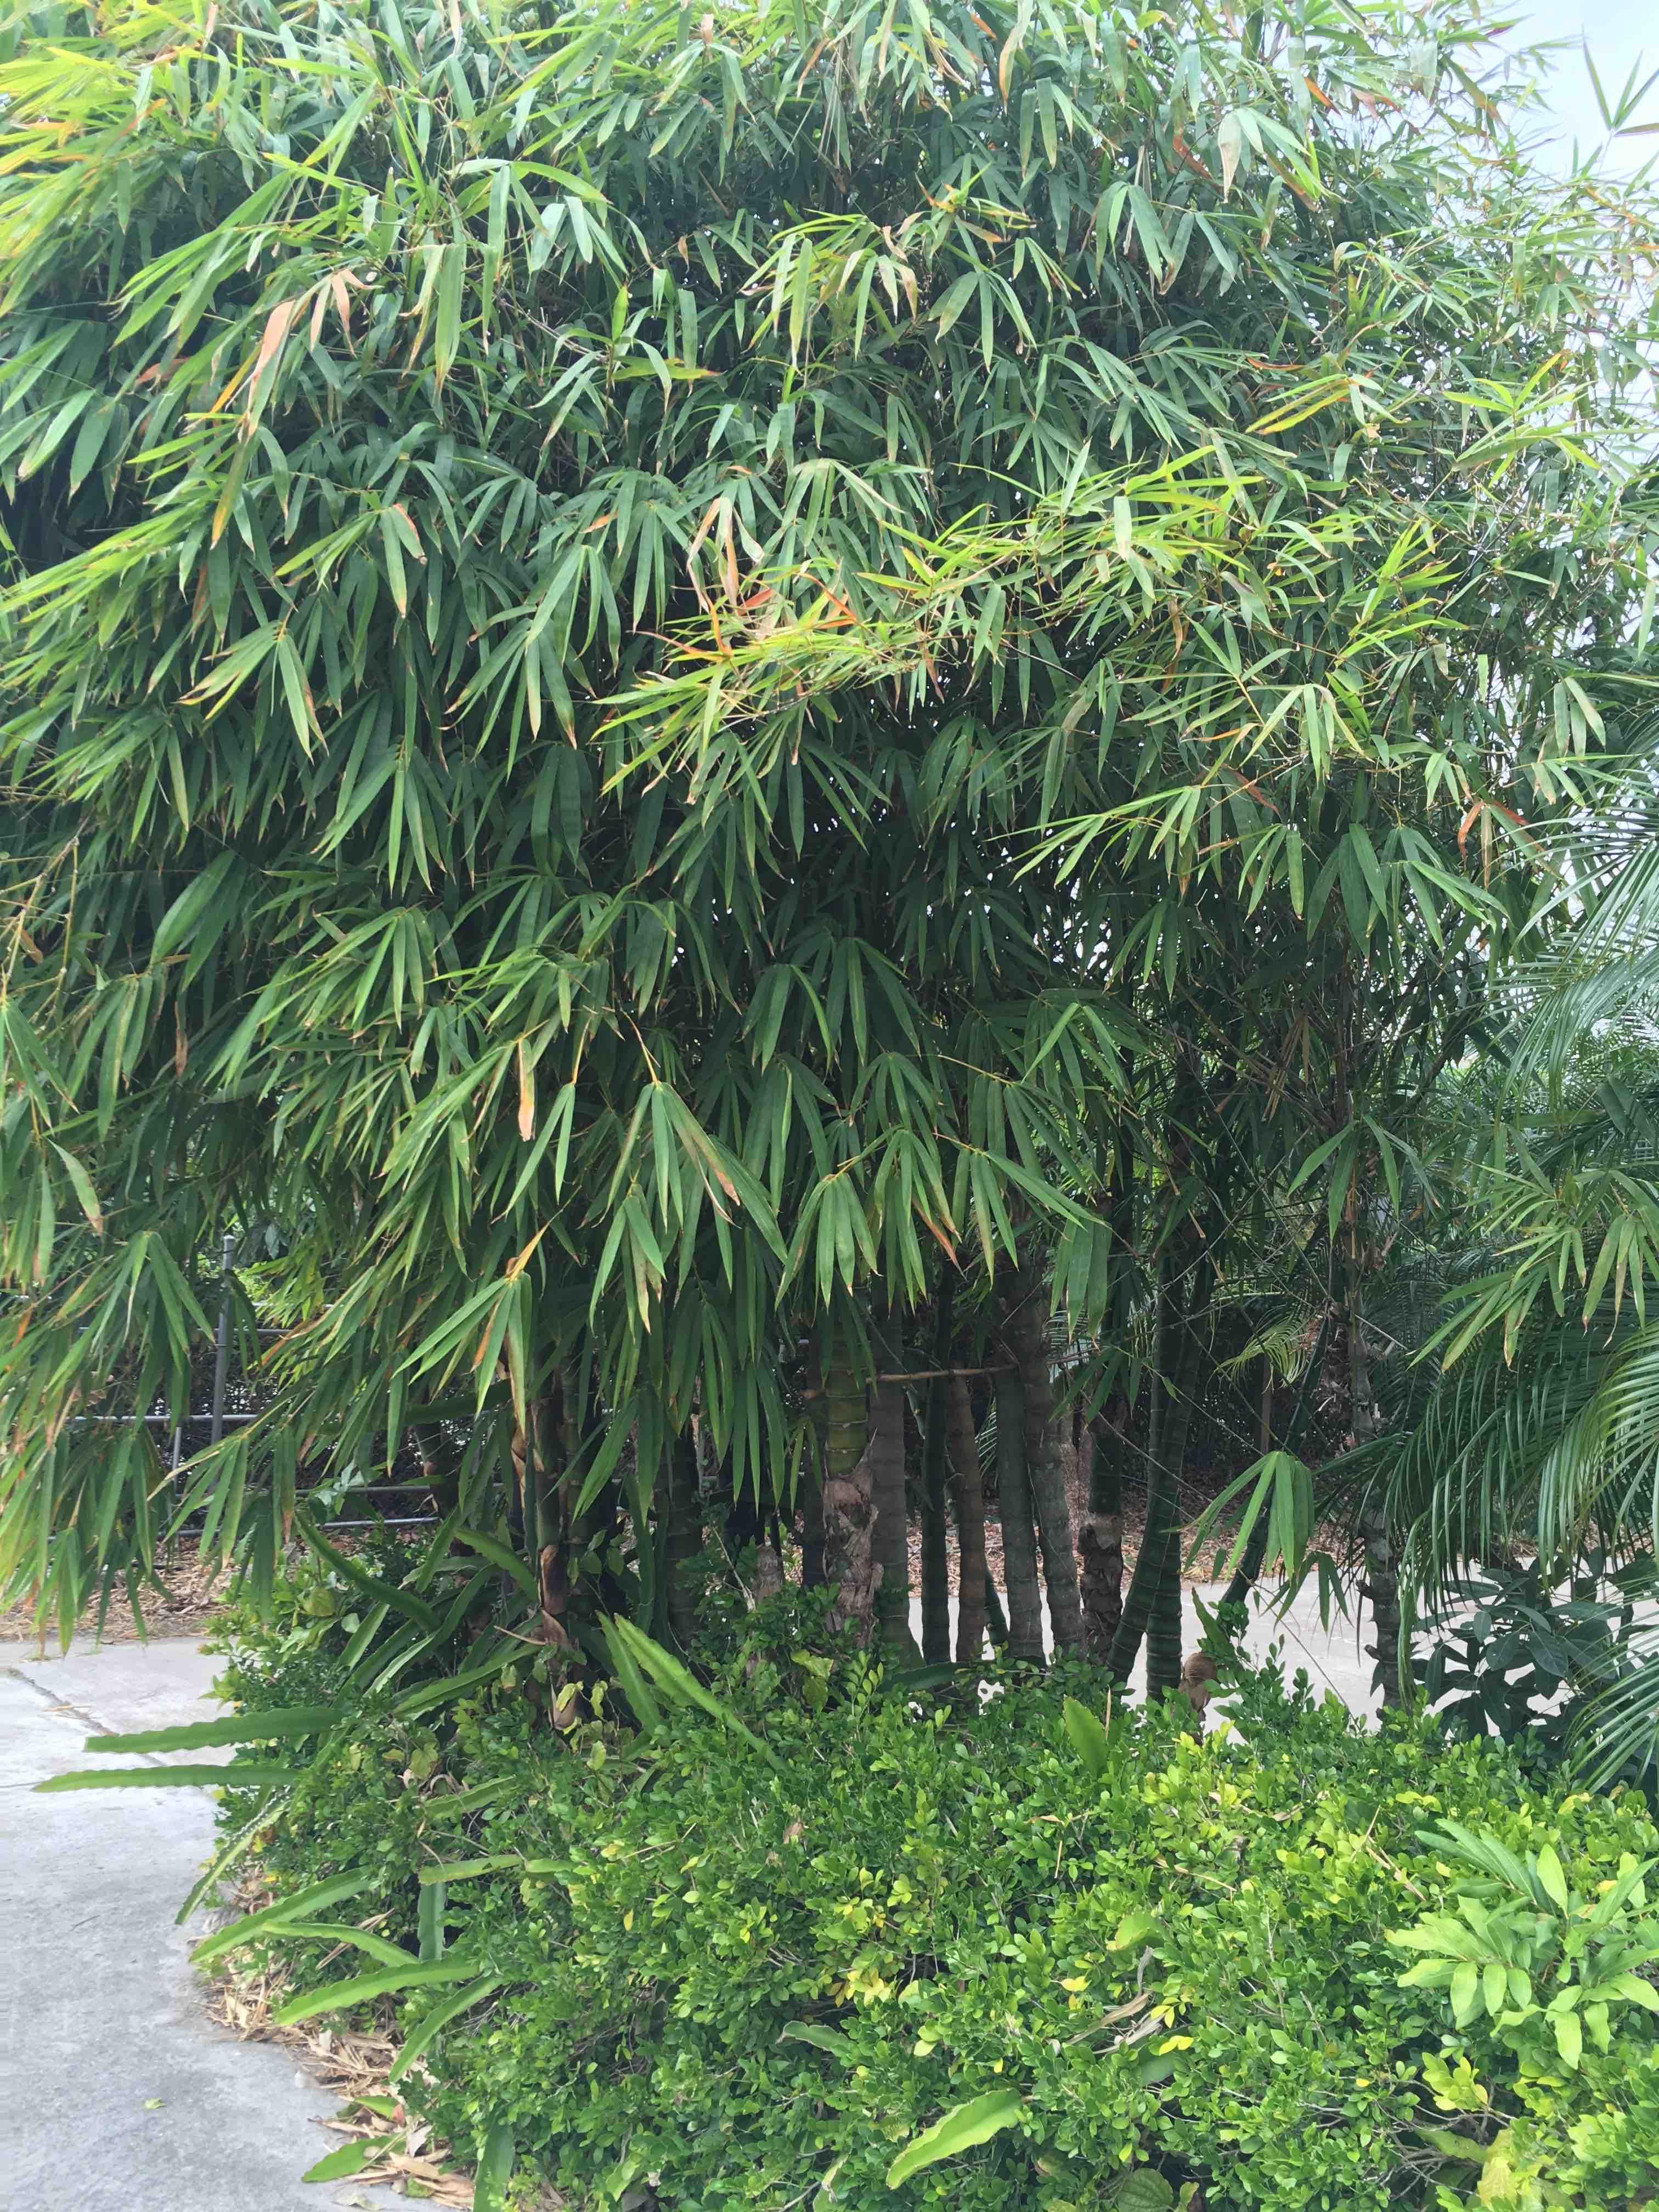 Hình ảnh cây trong thiên nhiên. Cay Tre Nơi vùng thung lũng ...